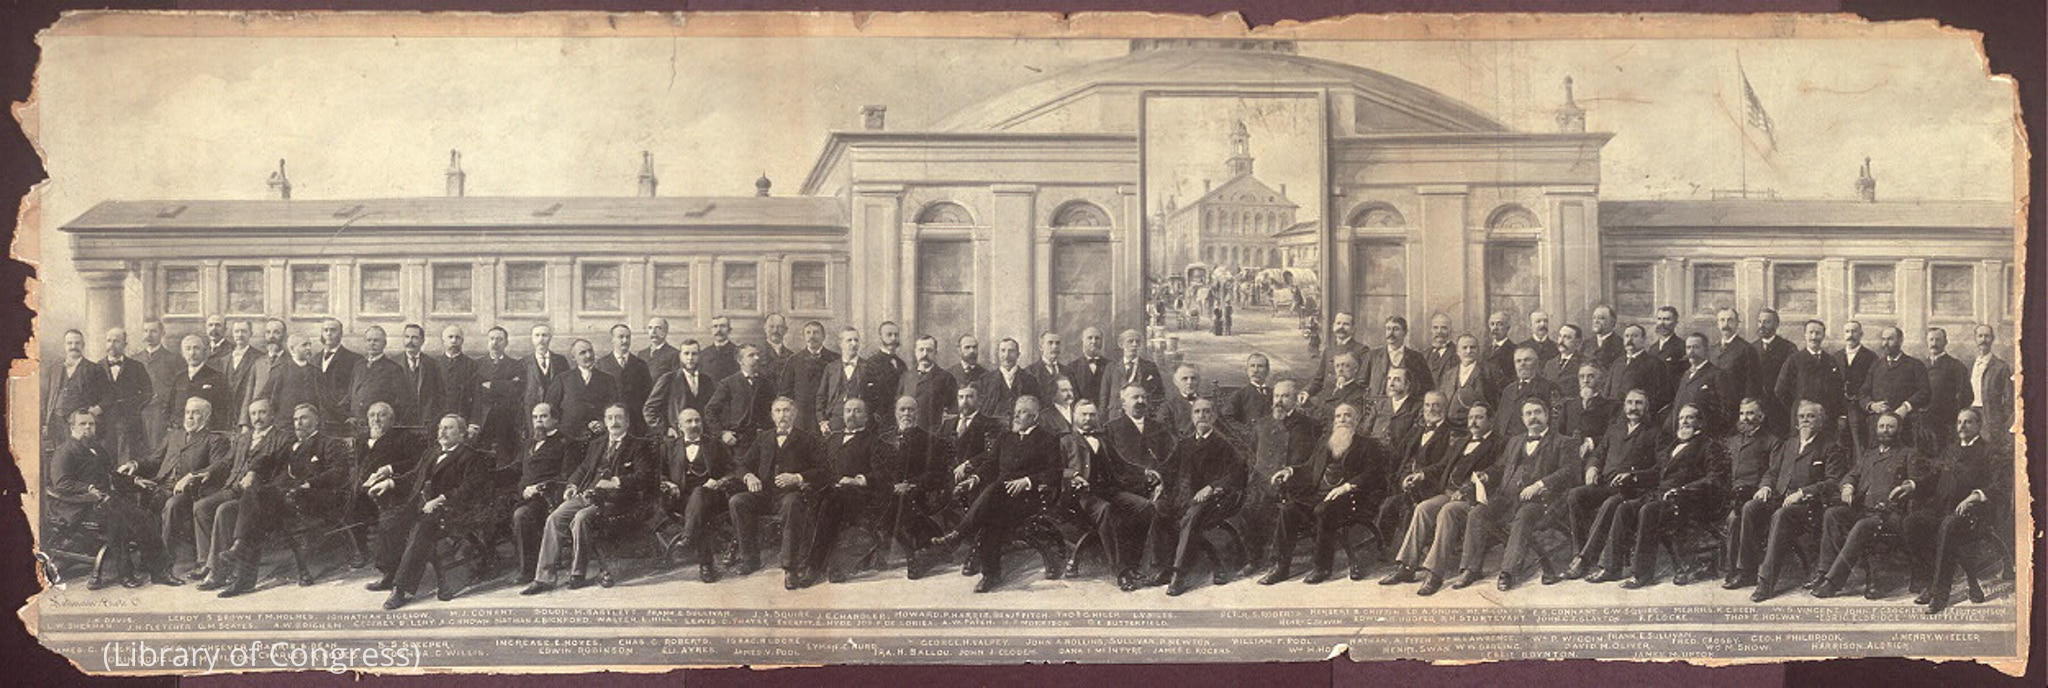 عکس تاریخی از مردهایی که در مقابل یک ساختمان نشسته اند. (Library of Congress)